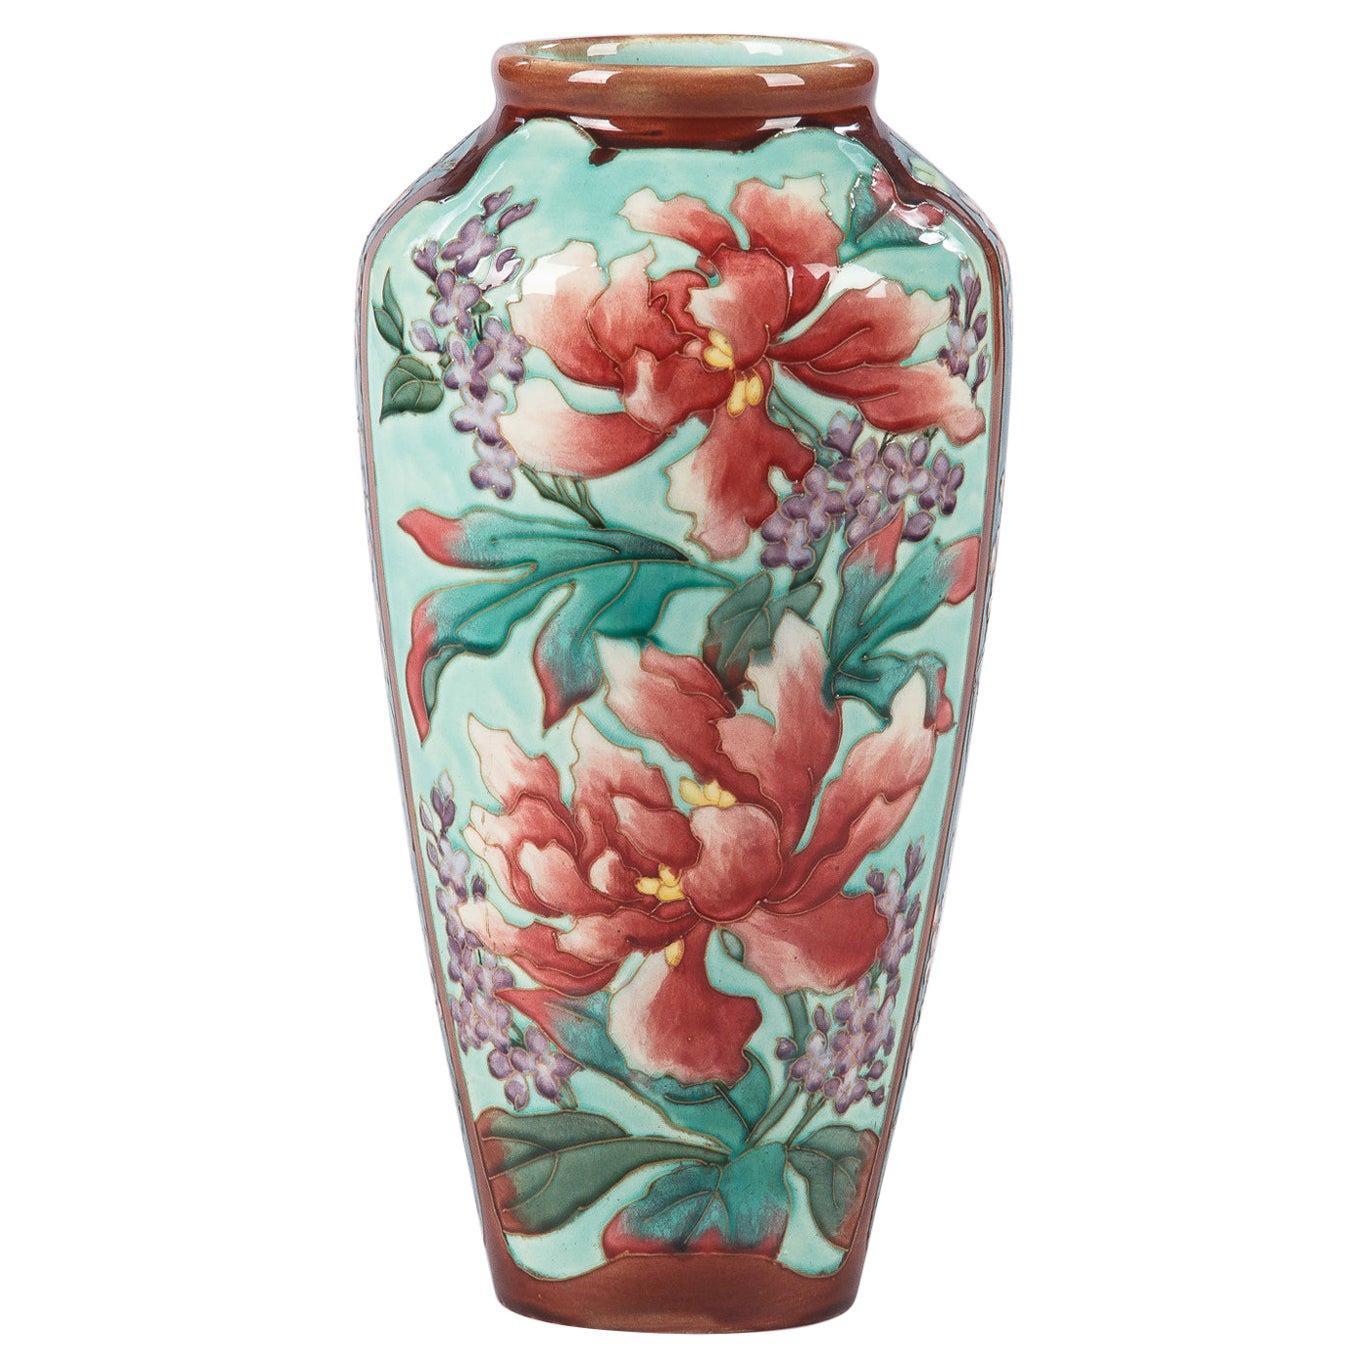 Longchamp Majolica Ceramic Vase, 1900s